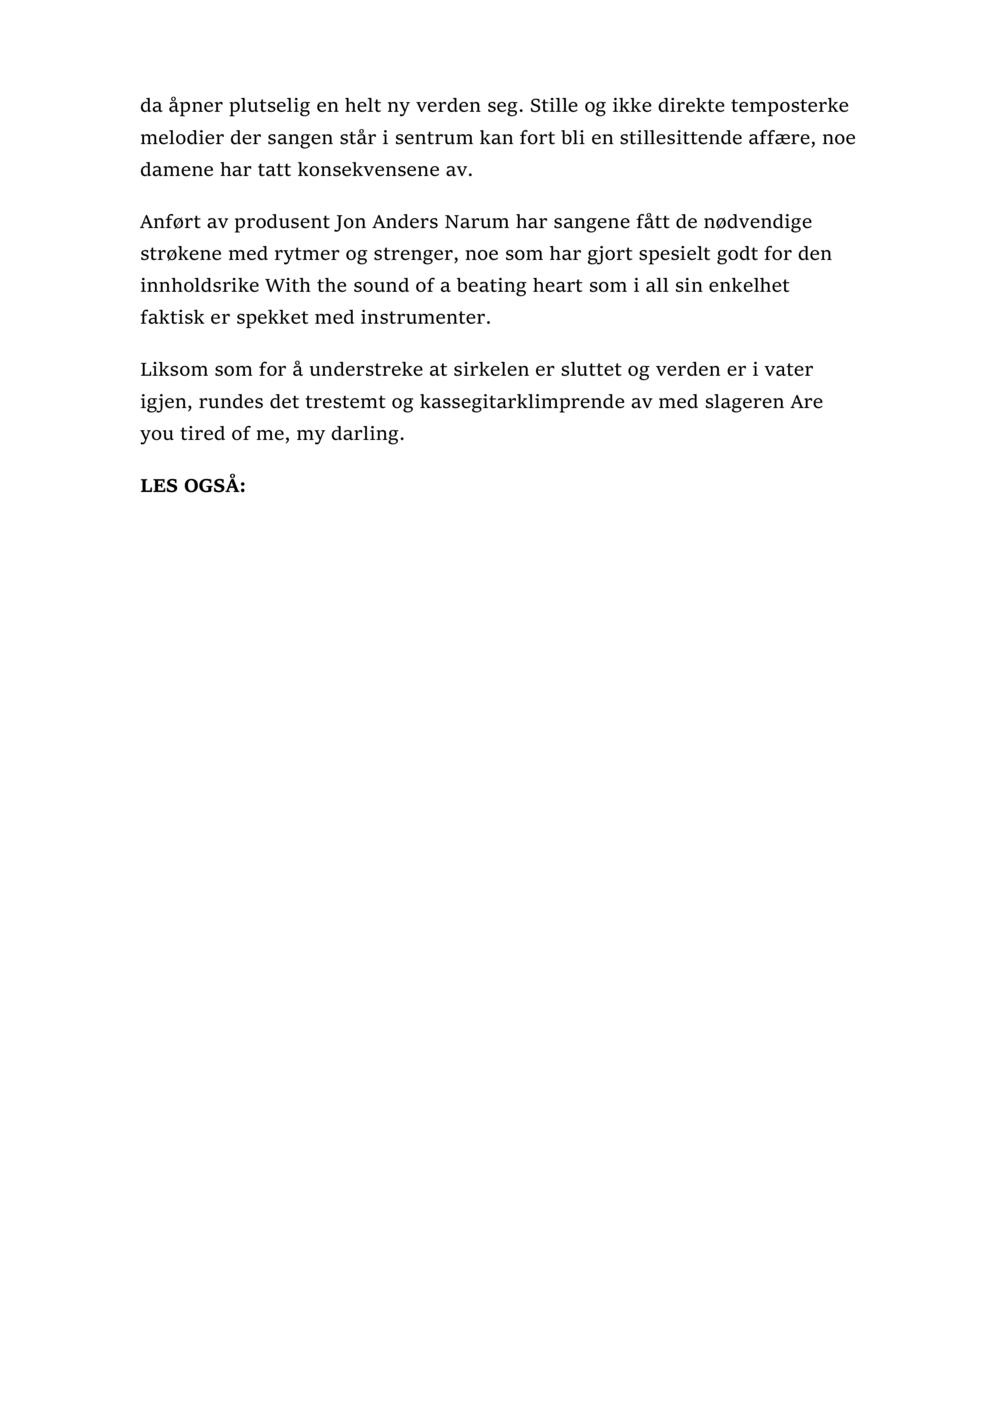 oa anmeldelse-2.png